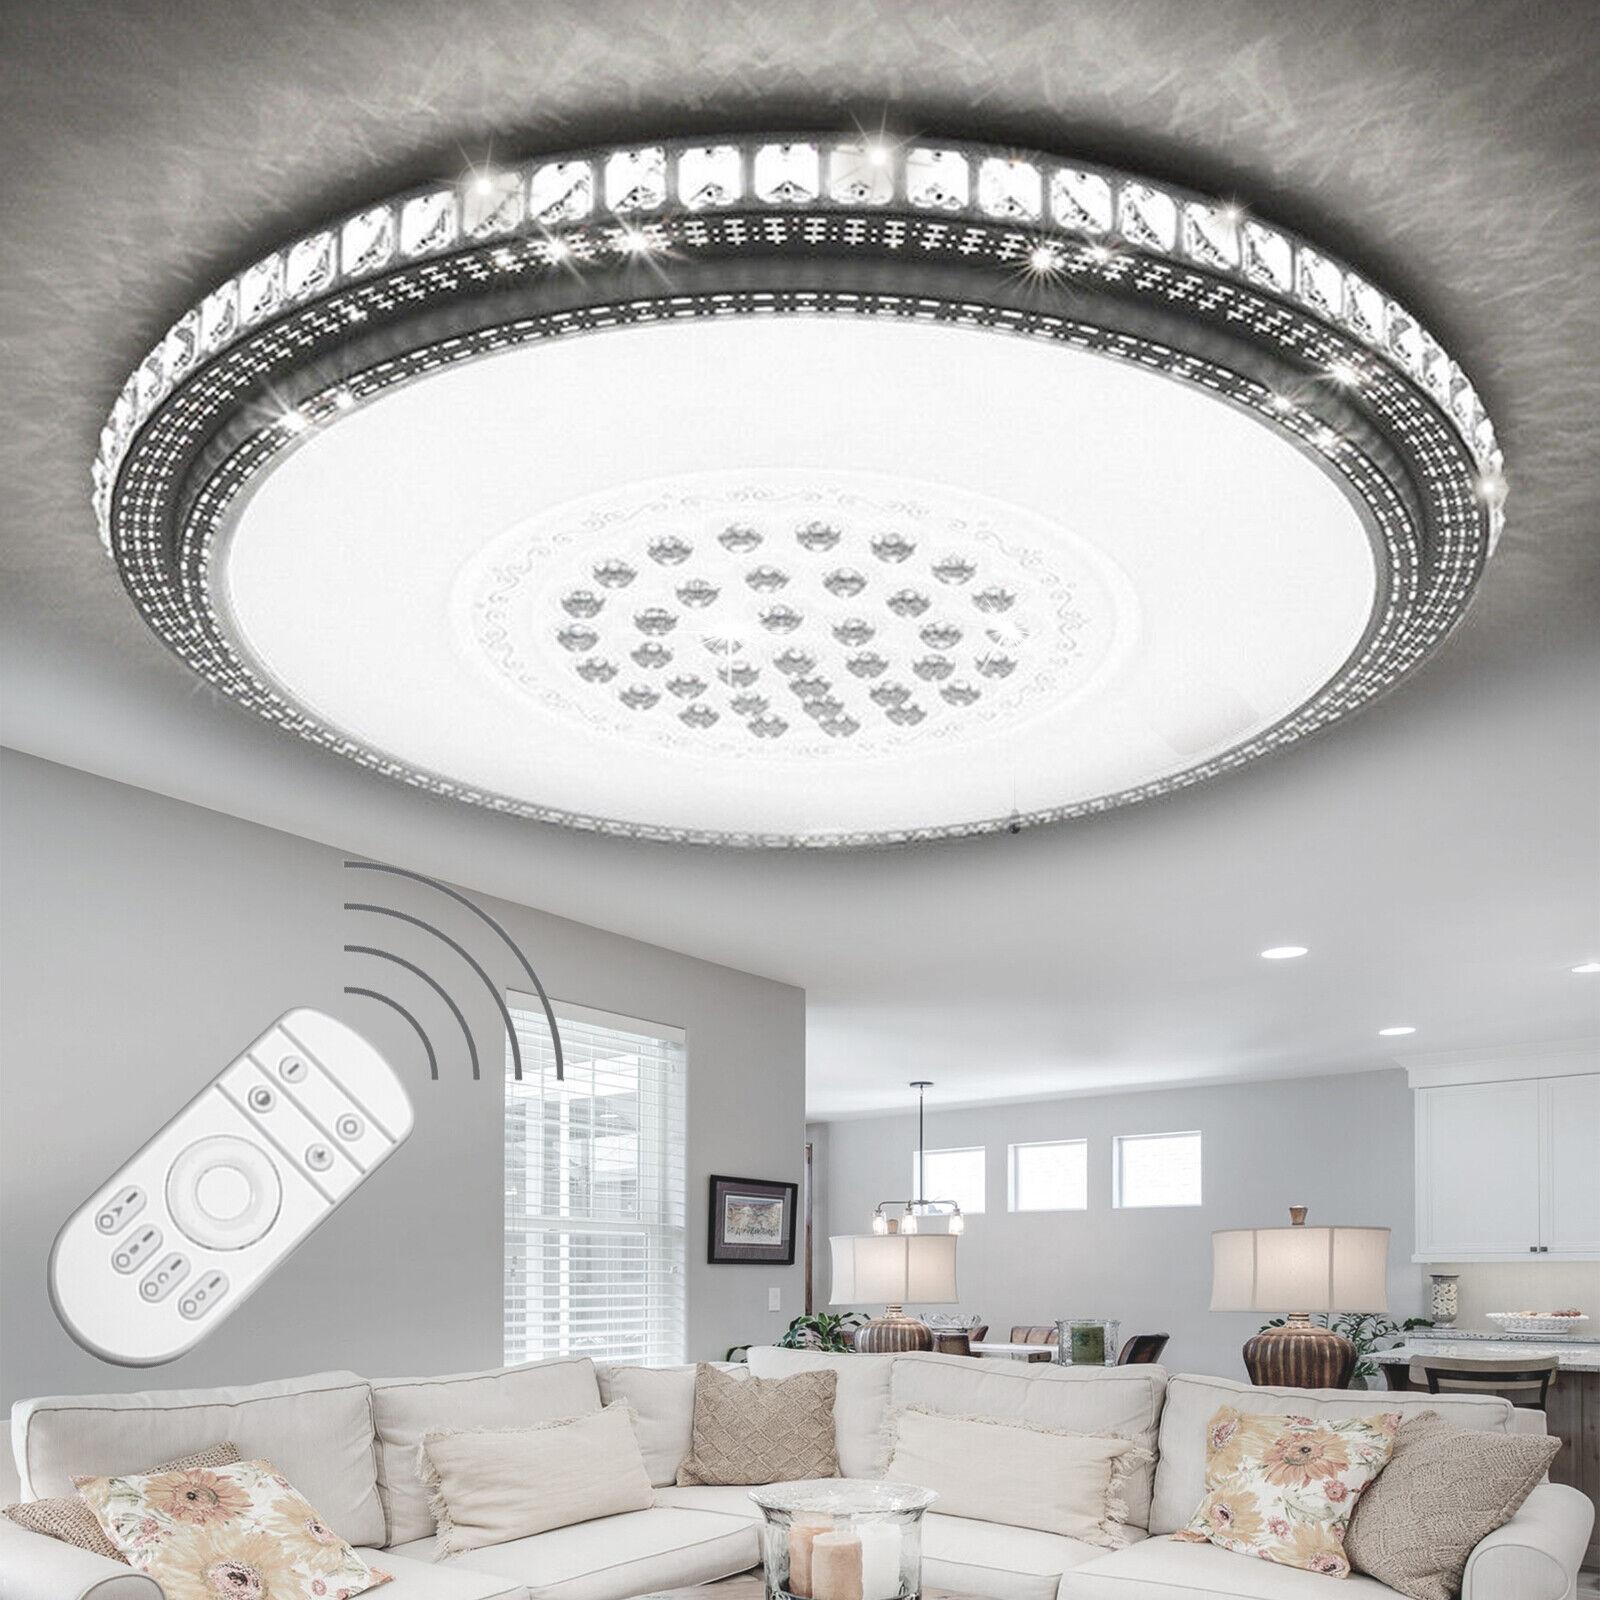 Profi Kristall LED Deckenleuchte Deckenlampe Dimmbar Wohnzimmerlampe Sternhimmel